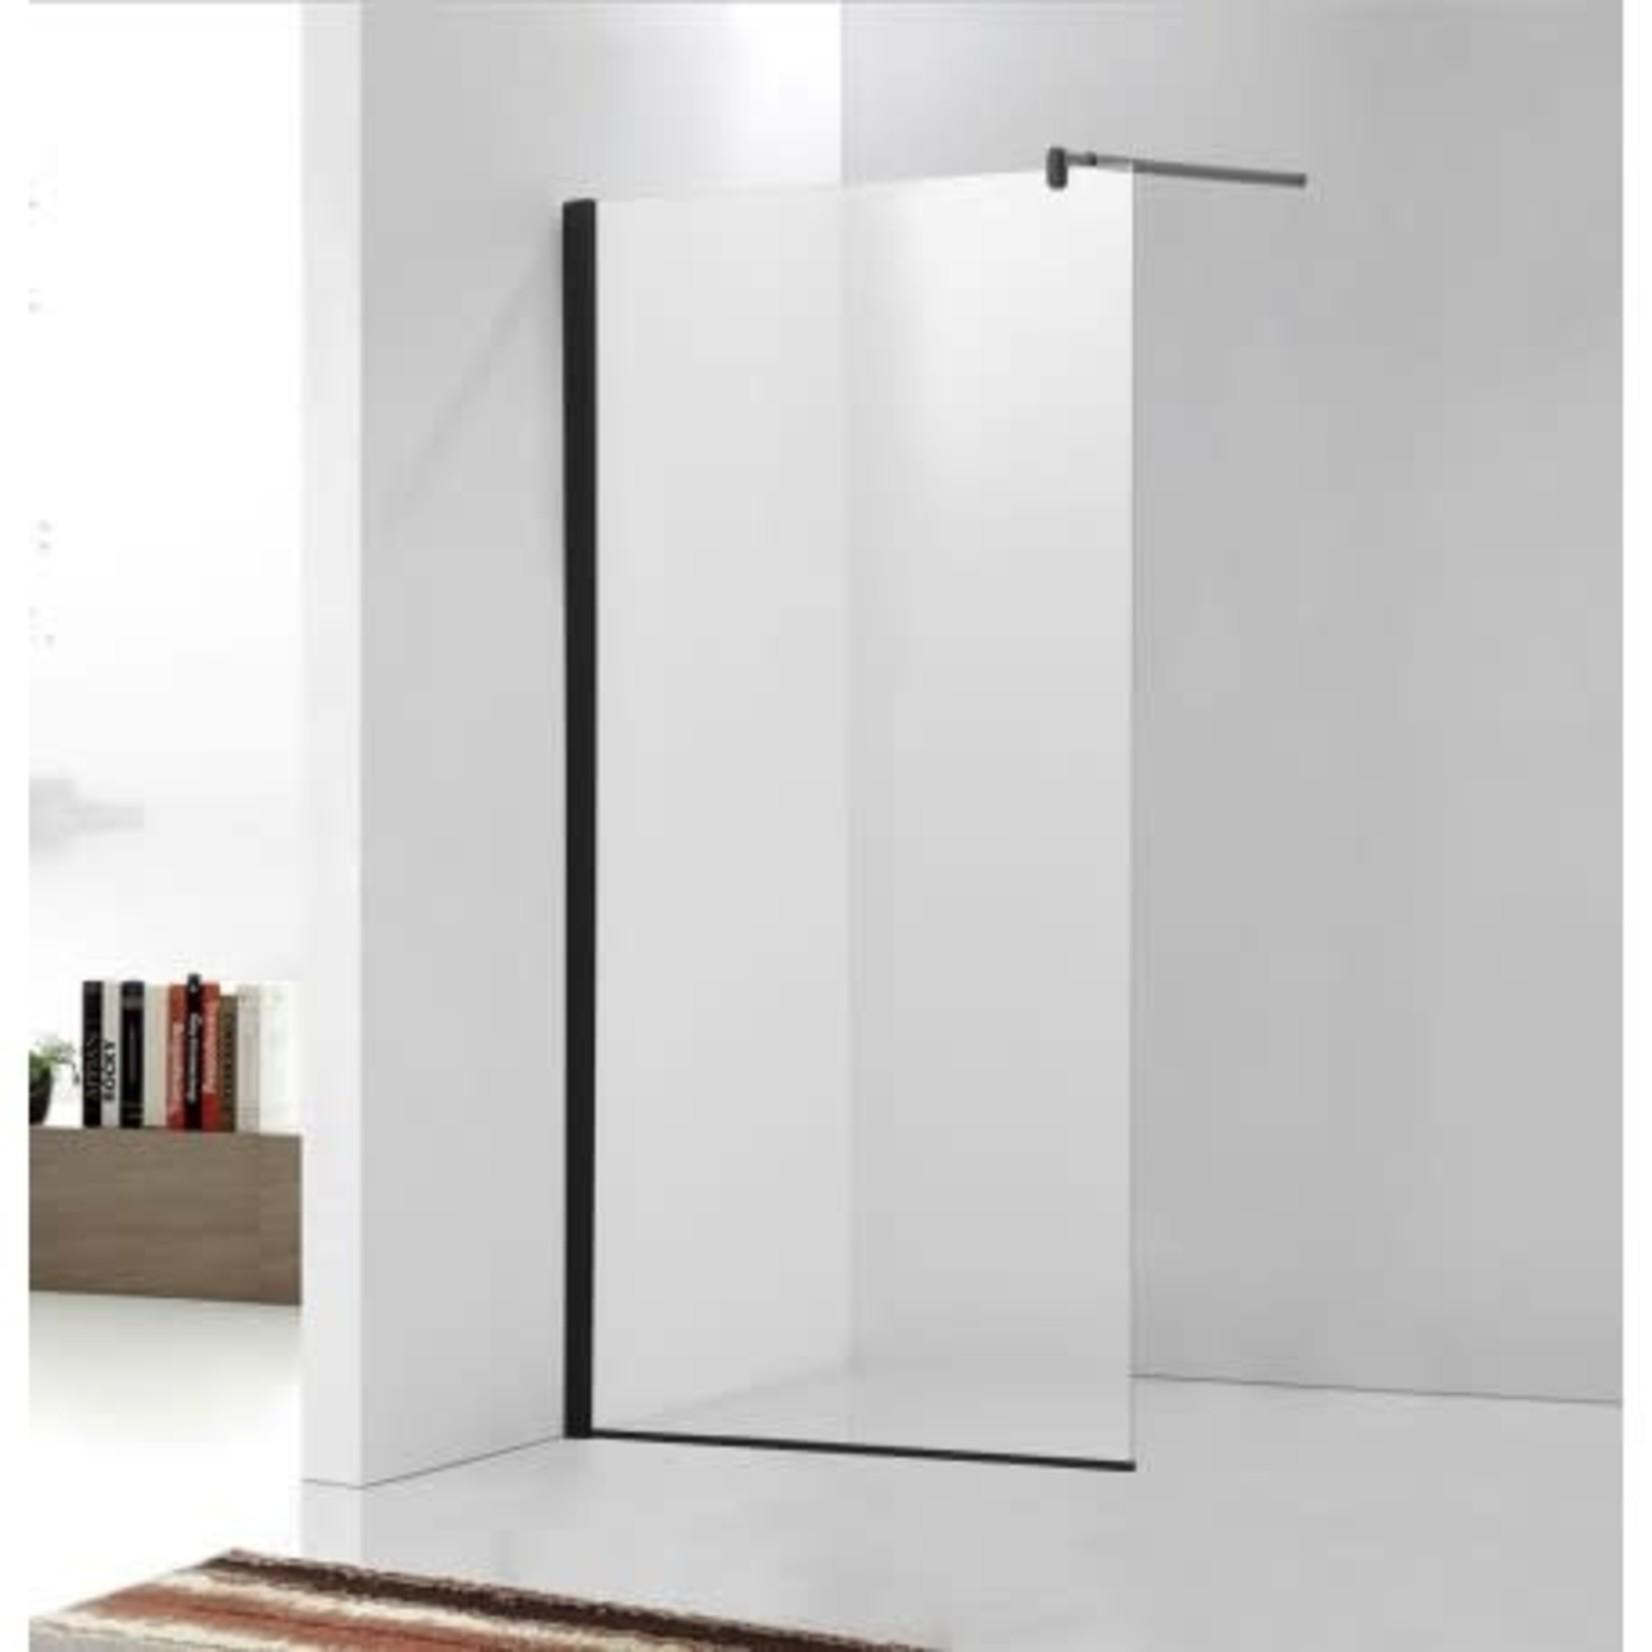 Douche en verre style Italienne 39.5'' Noir Mat DI20P-BLACK-39.5